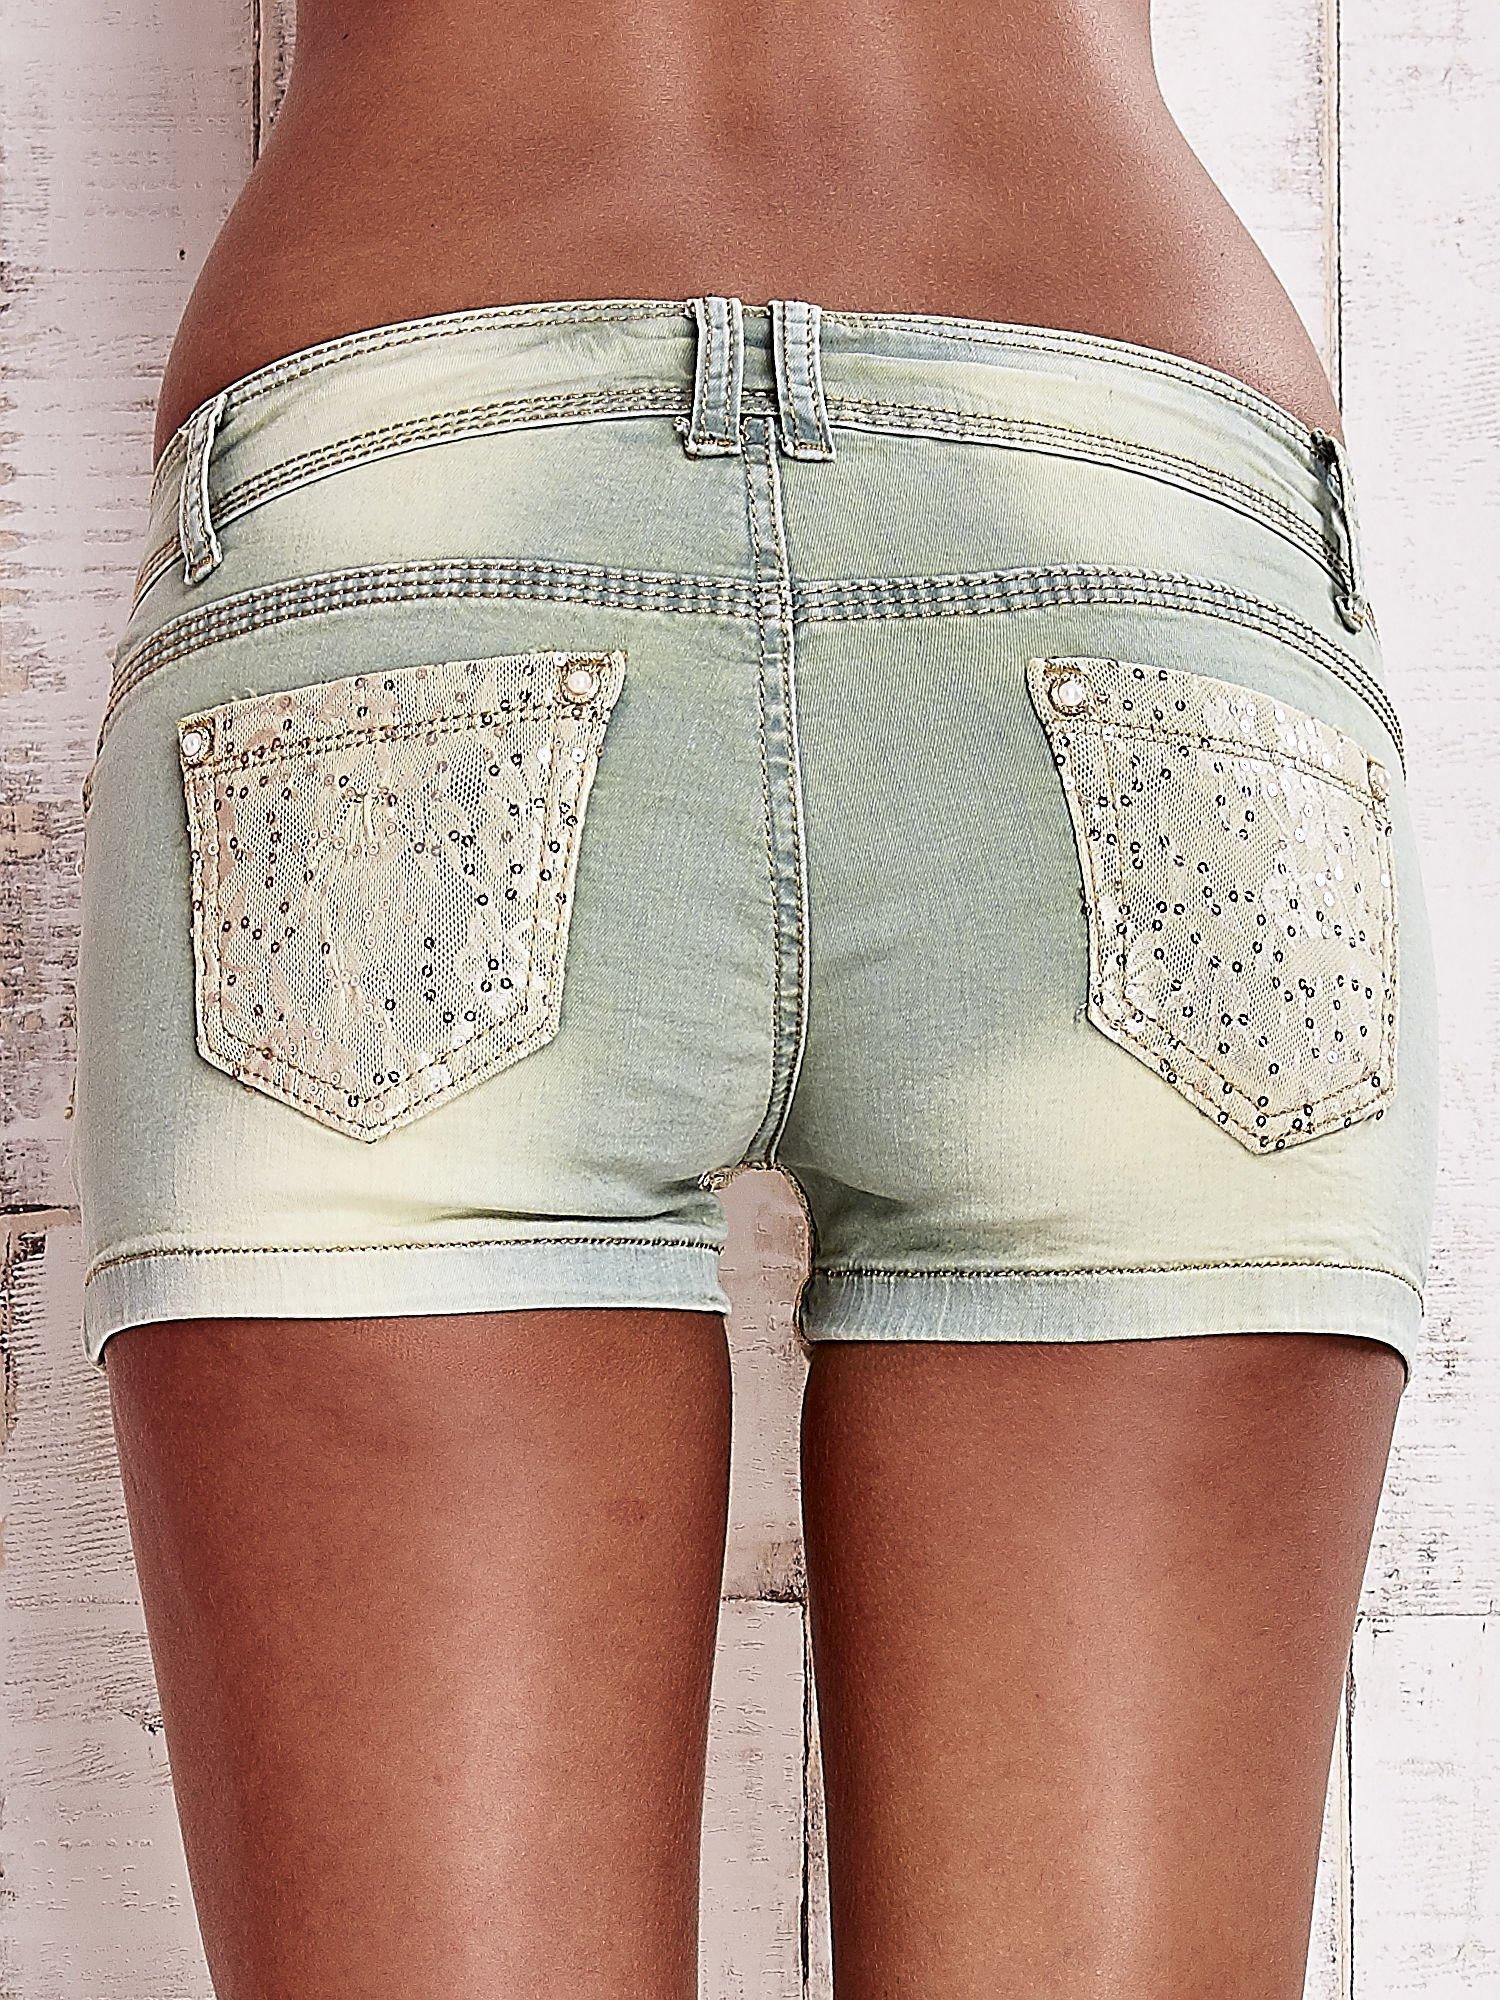 Niebieskozielone szorty jeansowe z koronką                                  zdj.                                  2